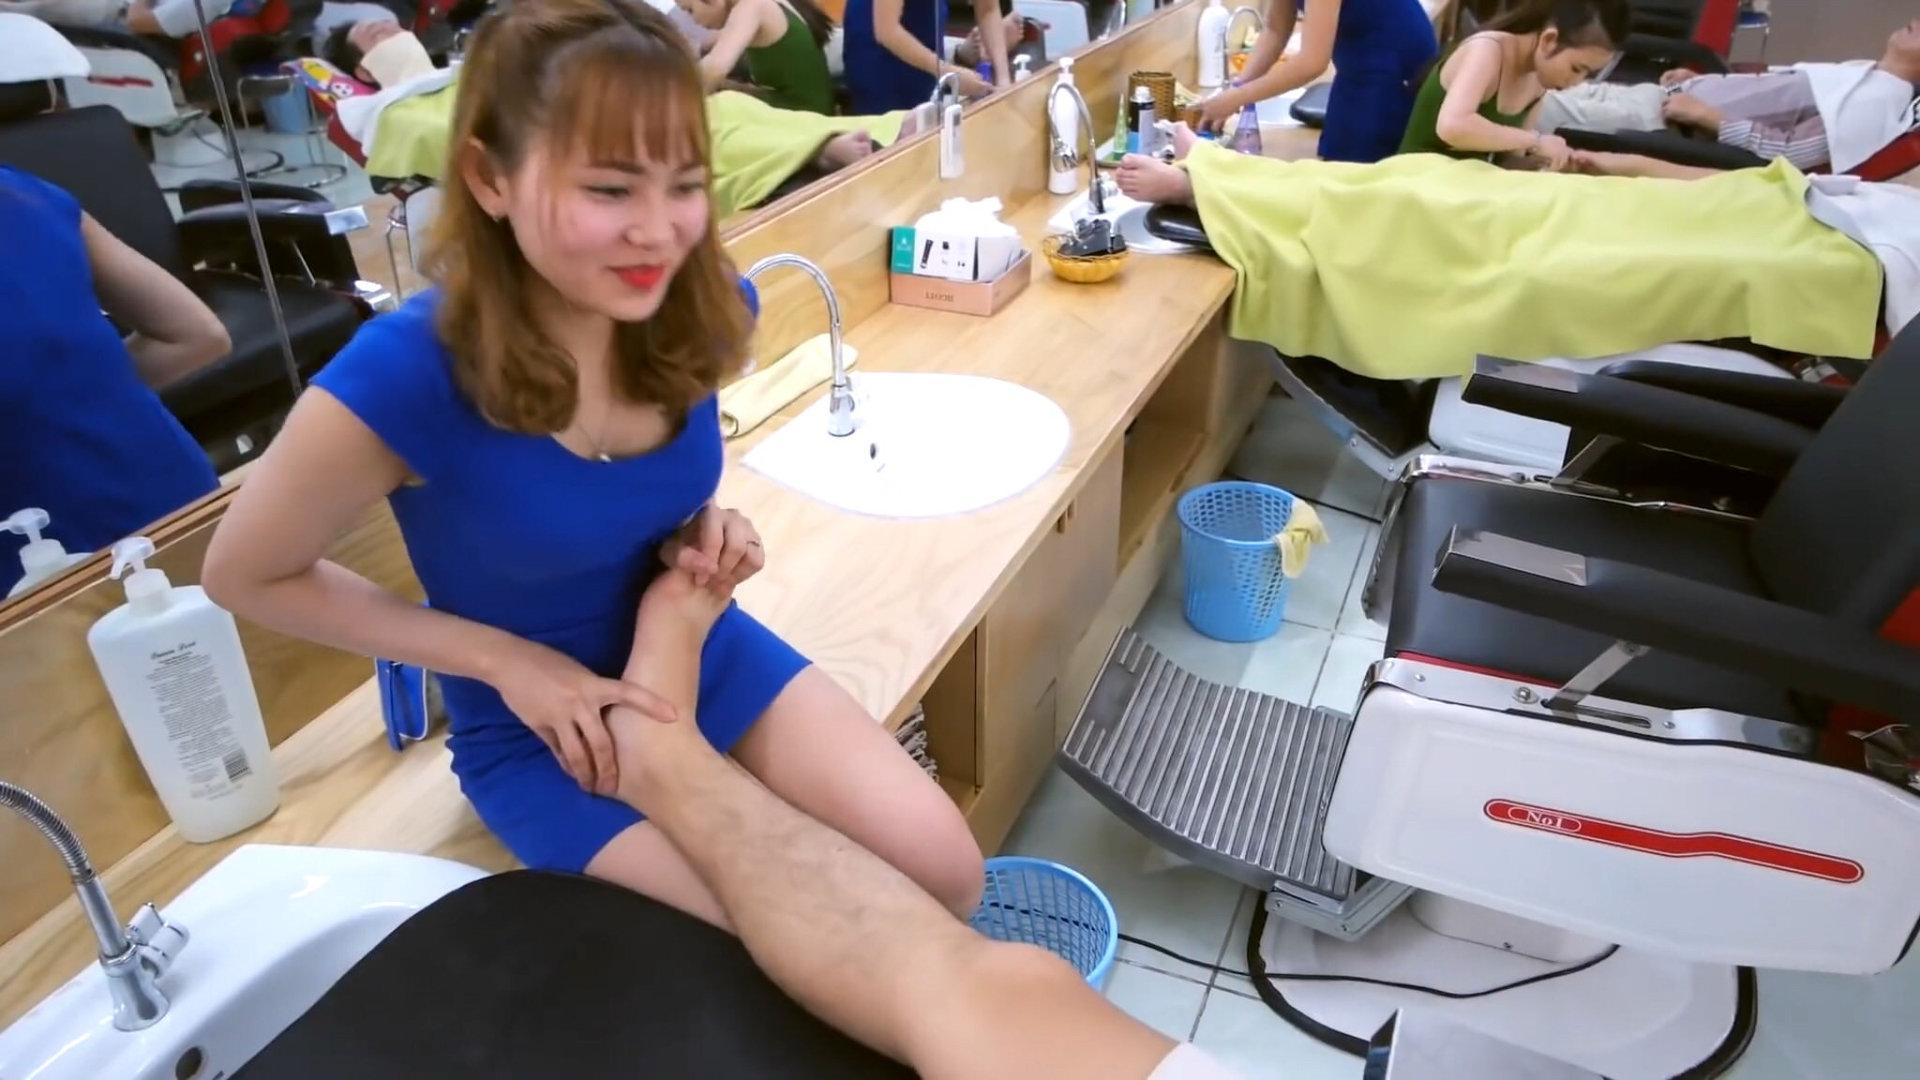 1000円で体験できるエロサービスが凄すぎる理髪店wwwwwww(画像あり)・1枚目